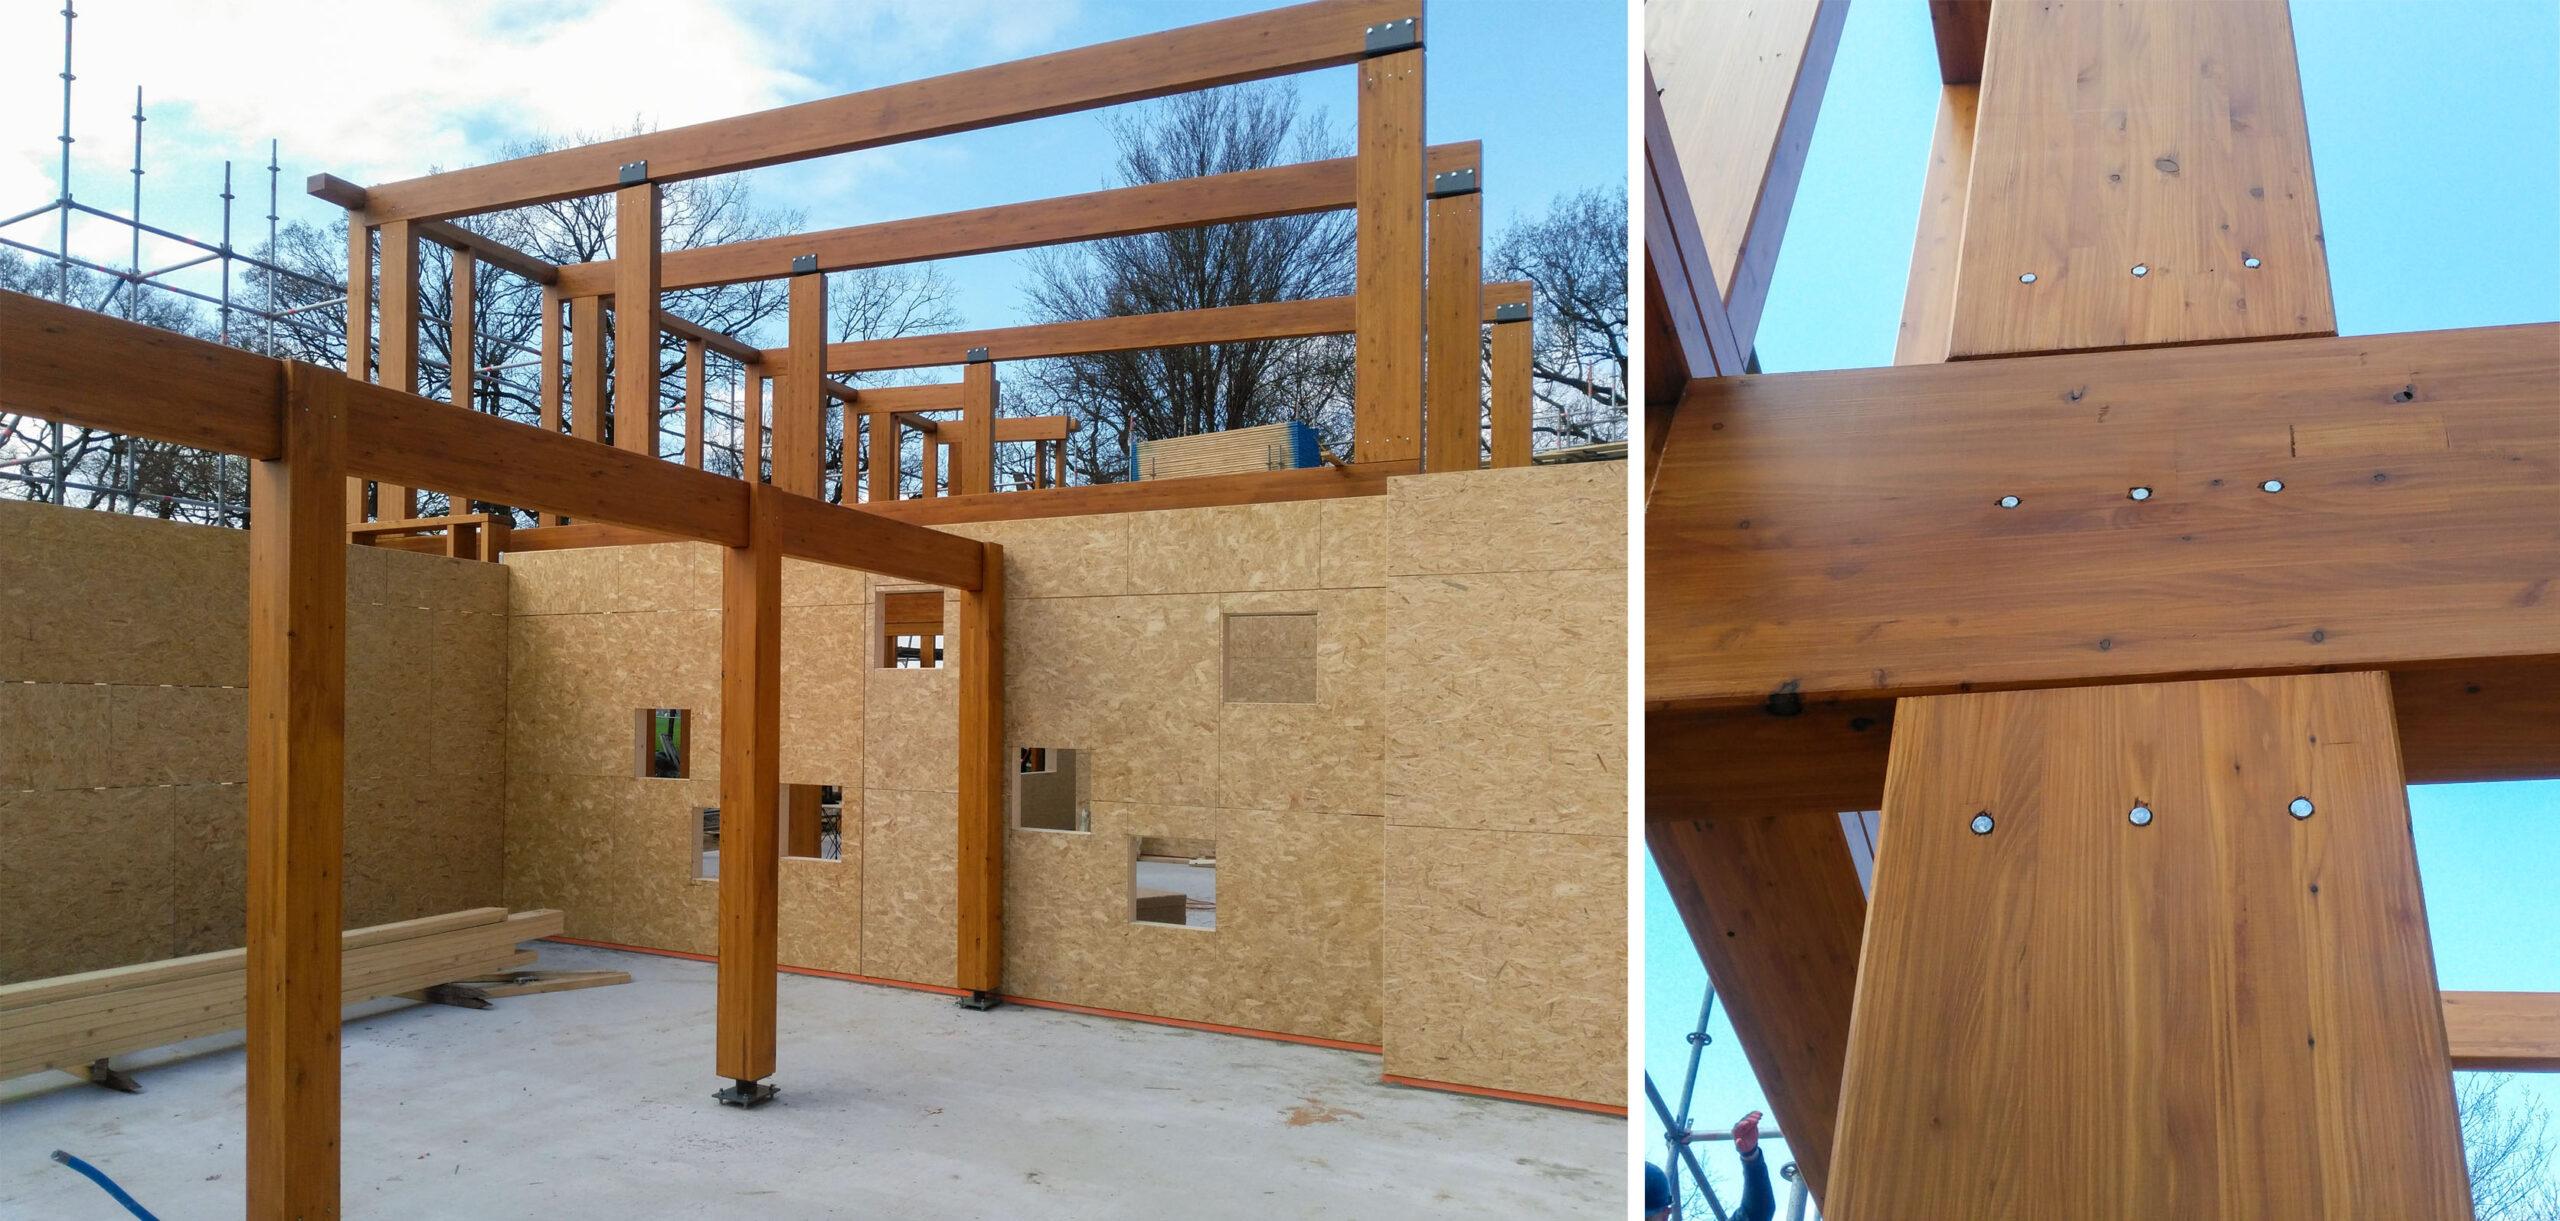 Orga Architect Bouw Avolare 001 Spanten